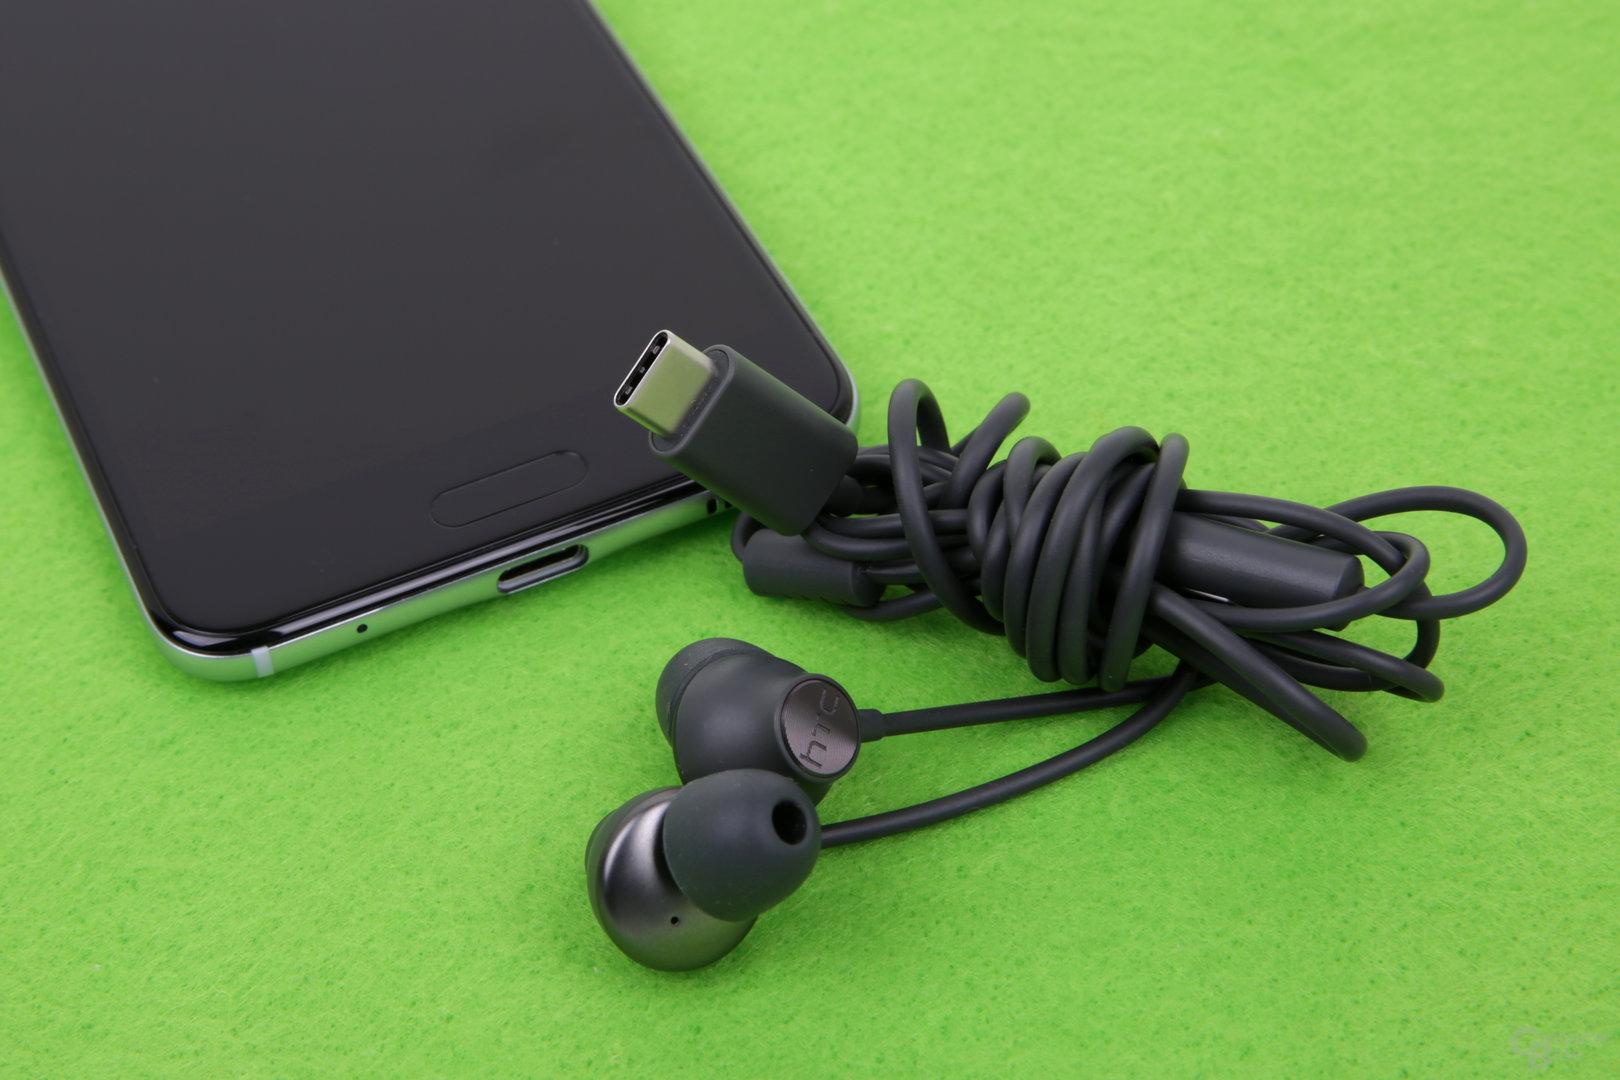 Neue USonic-Kopfhörer, die das Ohr vermessen